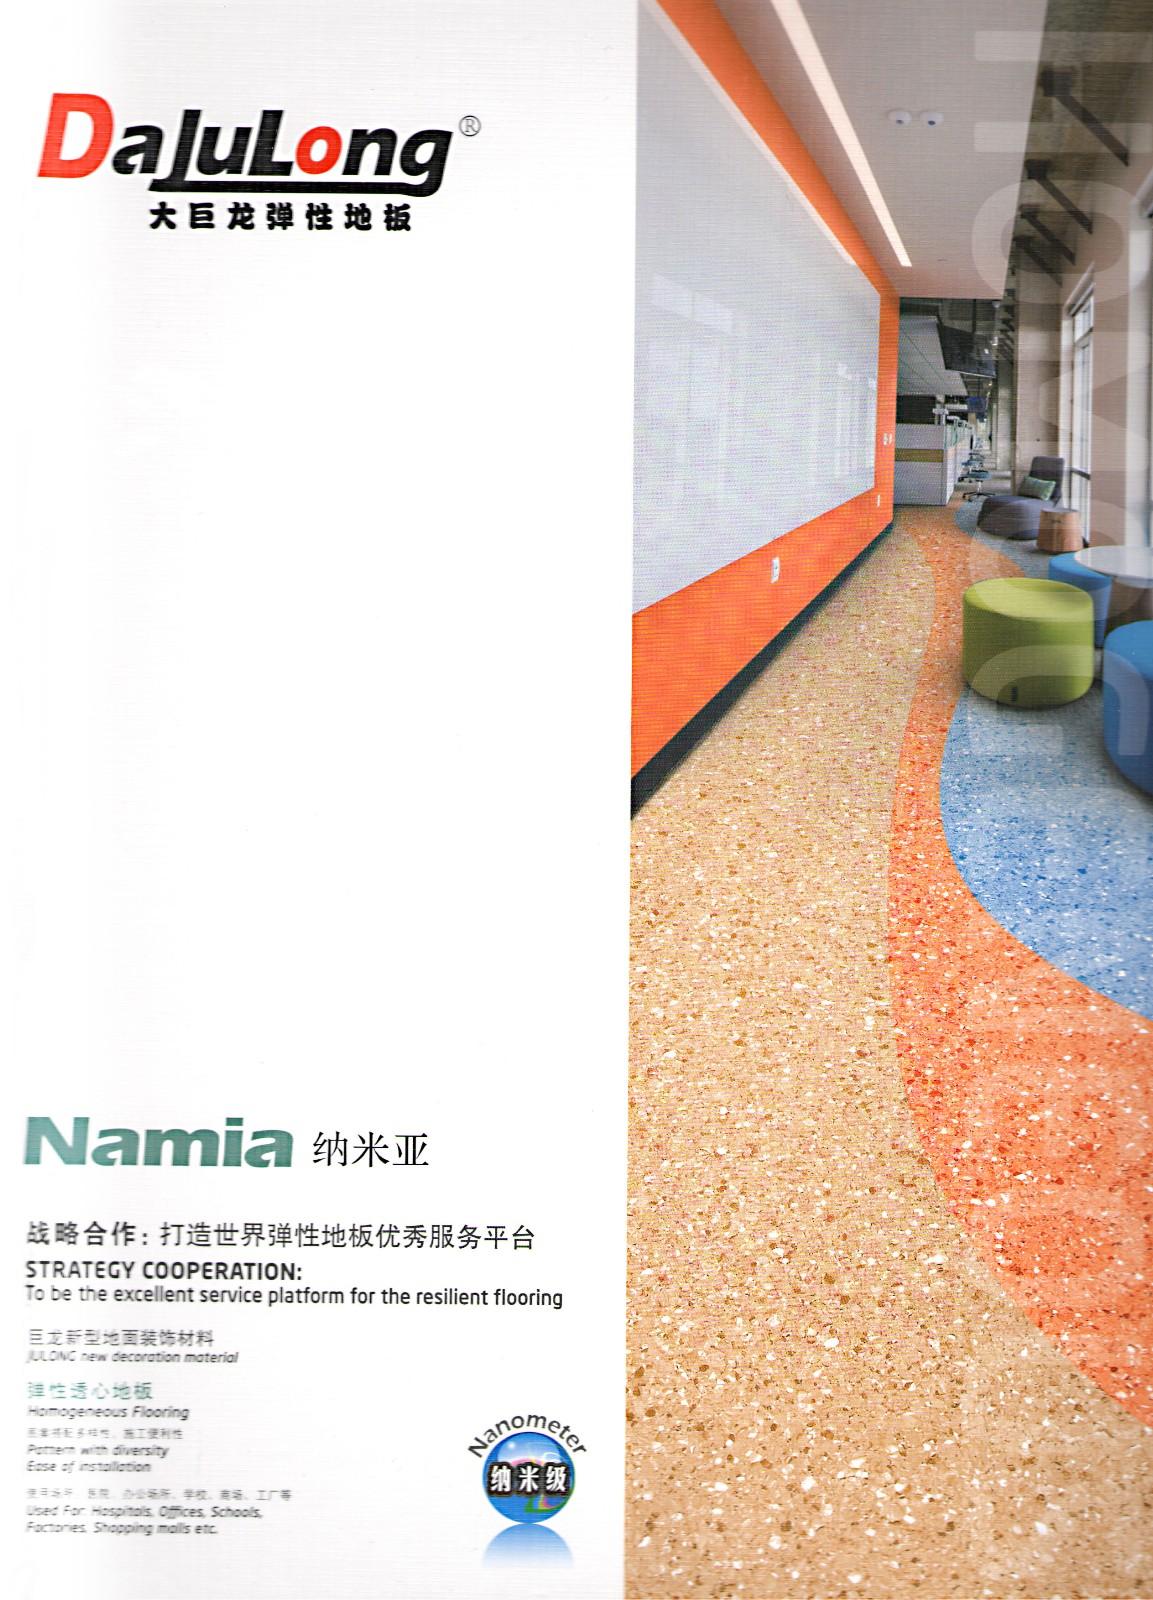 大巨龙纳米亚PVC地板|大巨龙系列-陕西棋牌挣钱建材有限责任公司